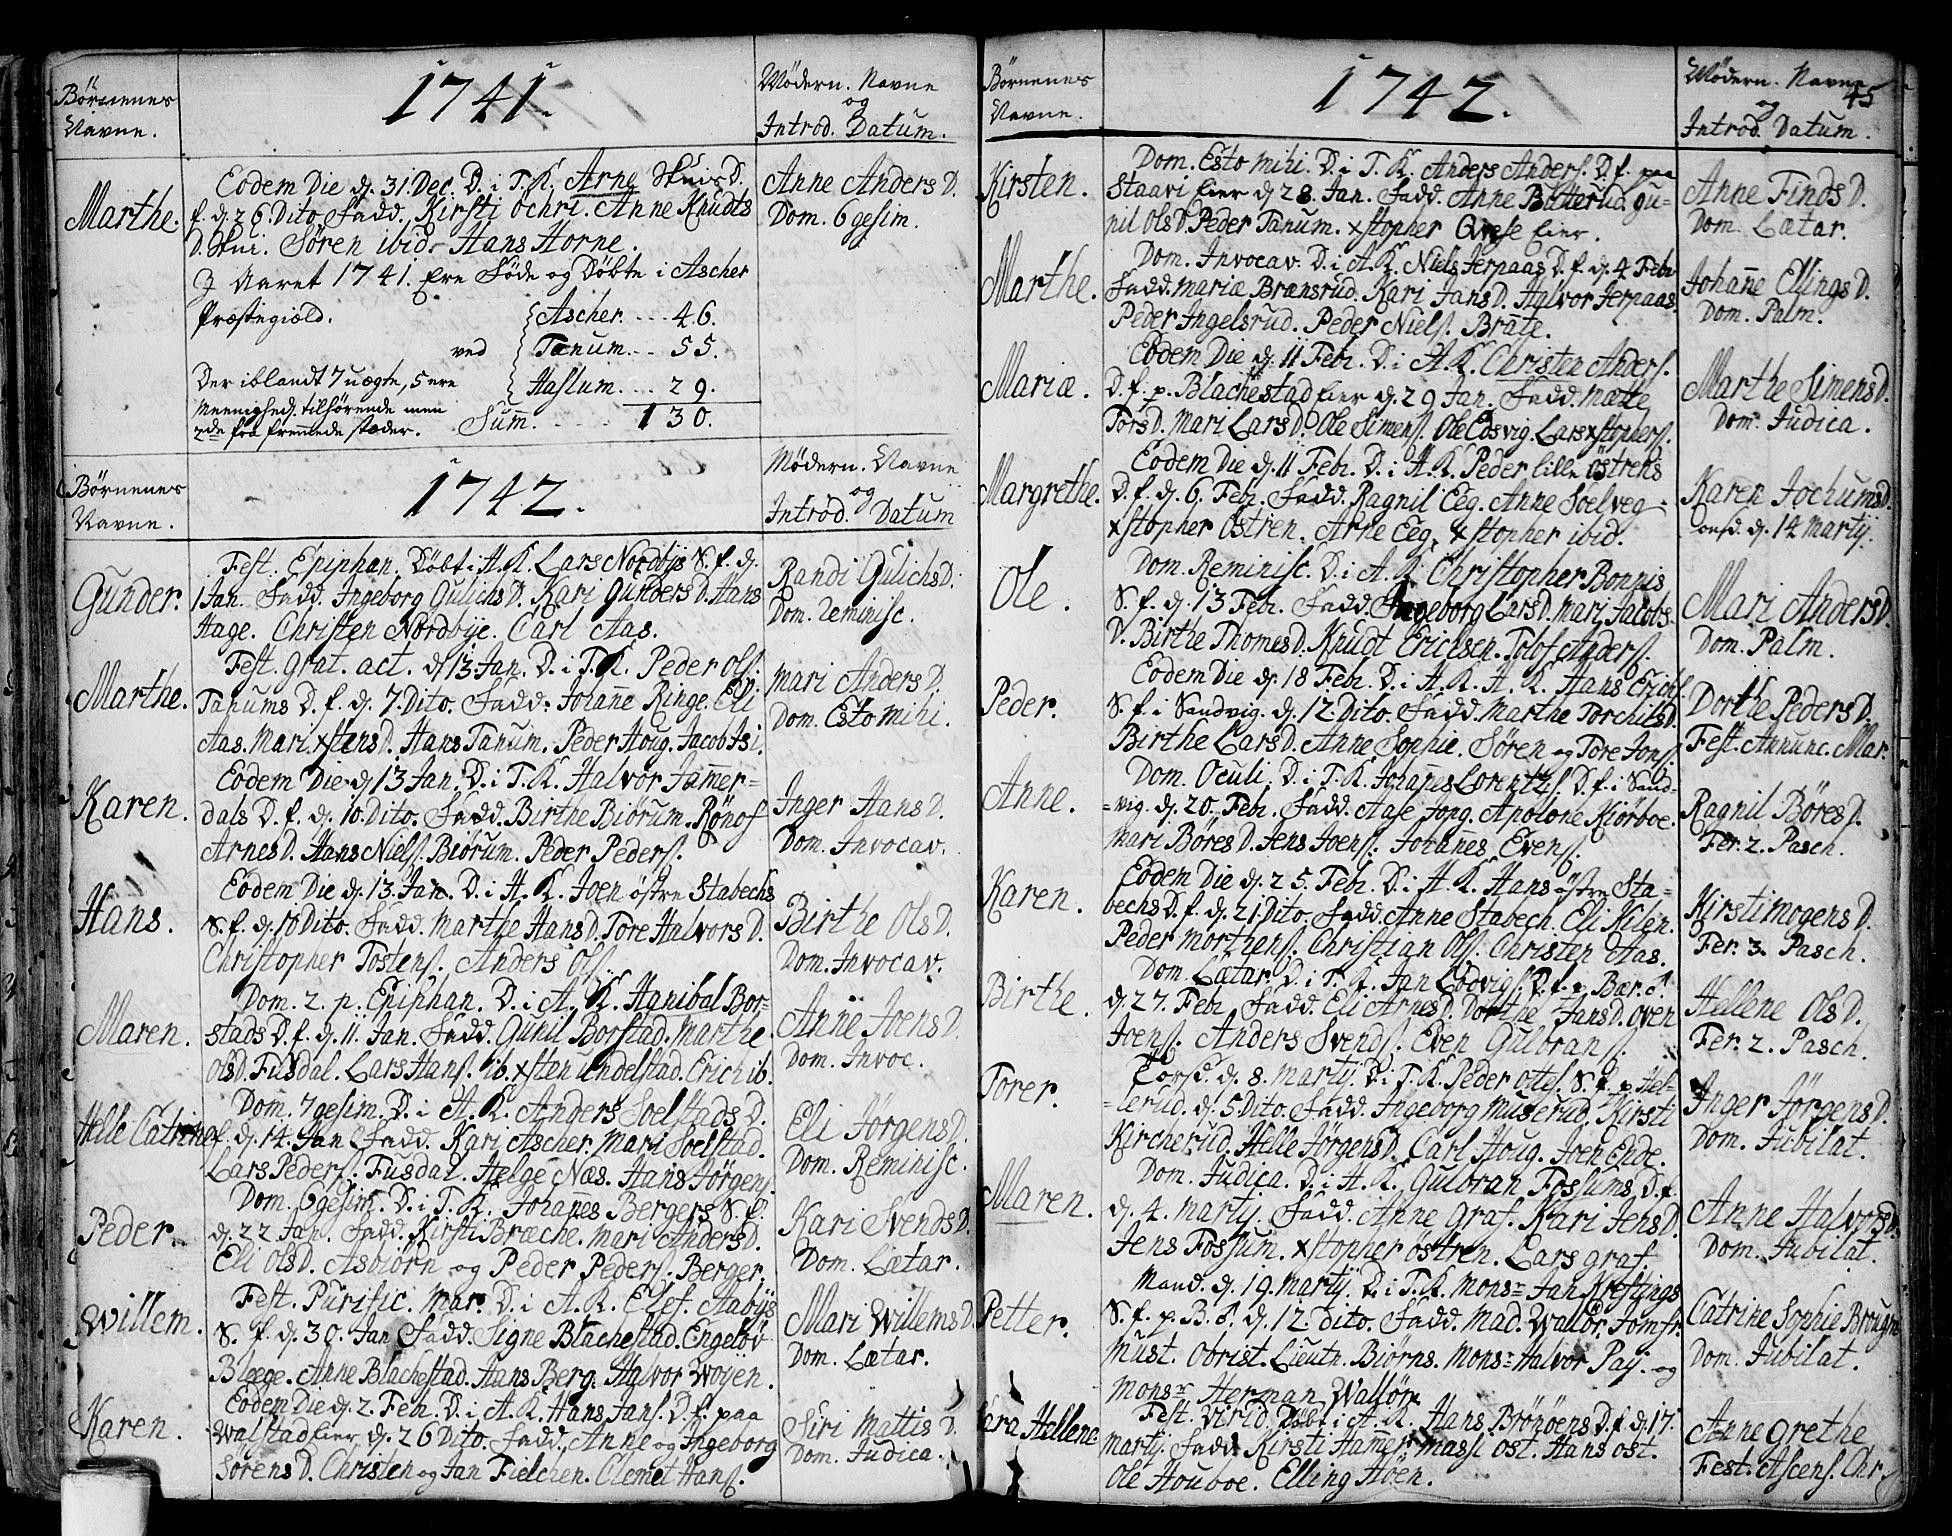 SAO, Asker prestekontor Kirkebøker, F/Fa/L0002: Ministerialbok nr. I 2, 1733-1766, s. 45